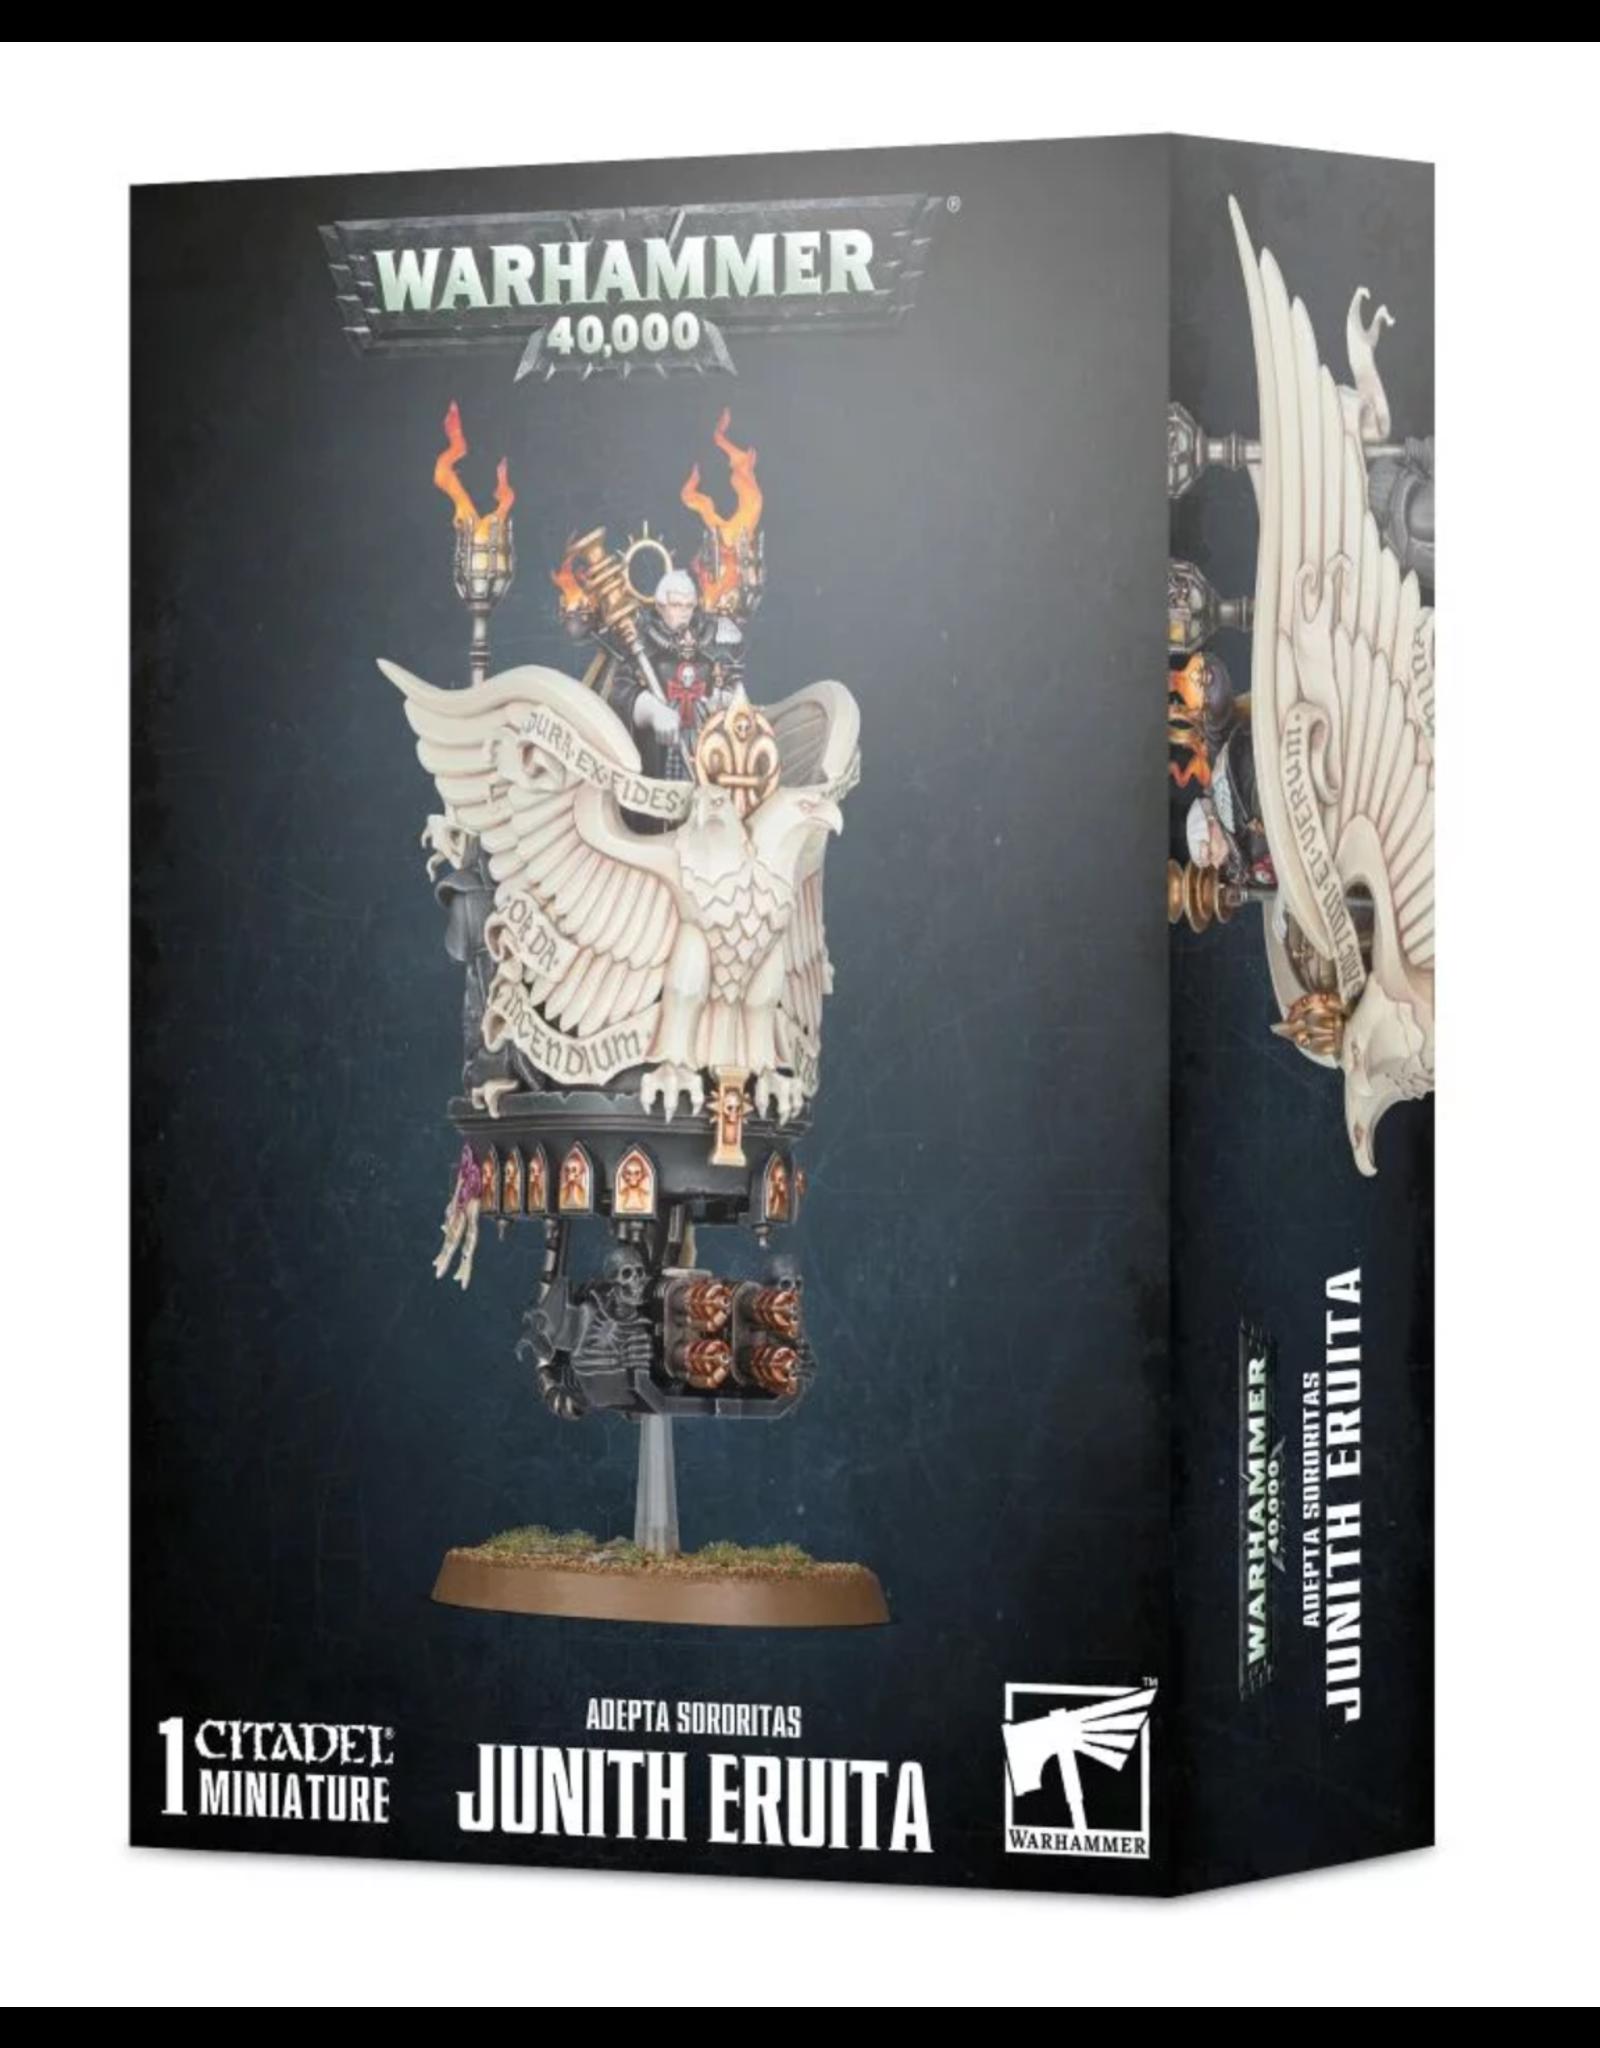 Games Workshop Warhammer 40K: Adepta Sororitas Junith Eruita